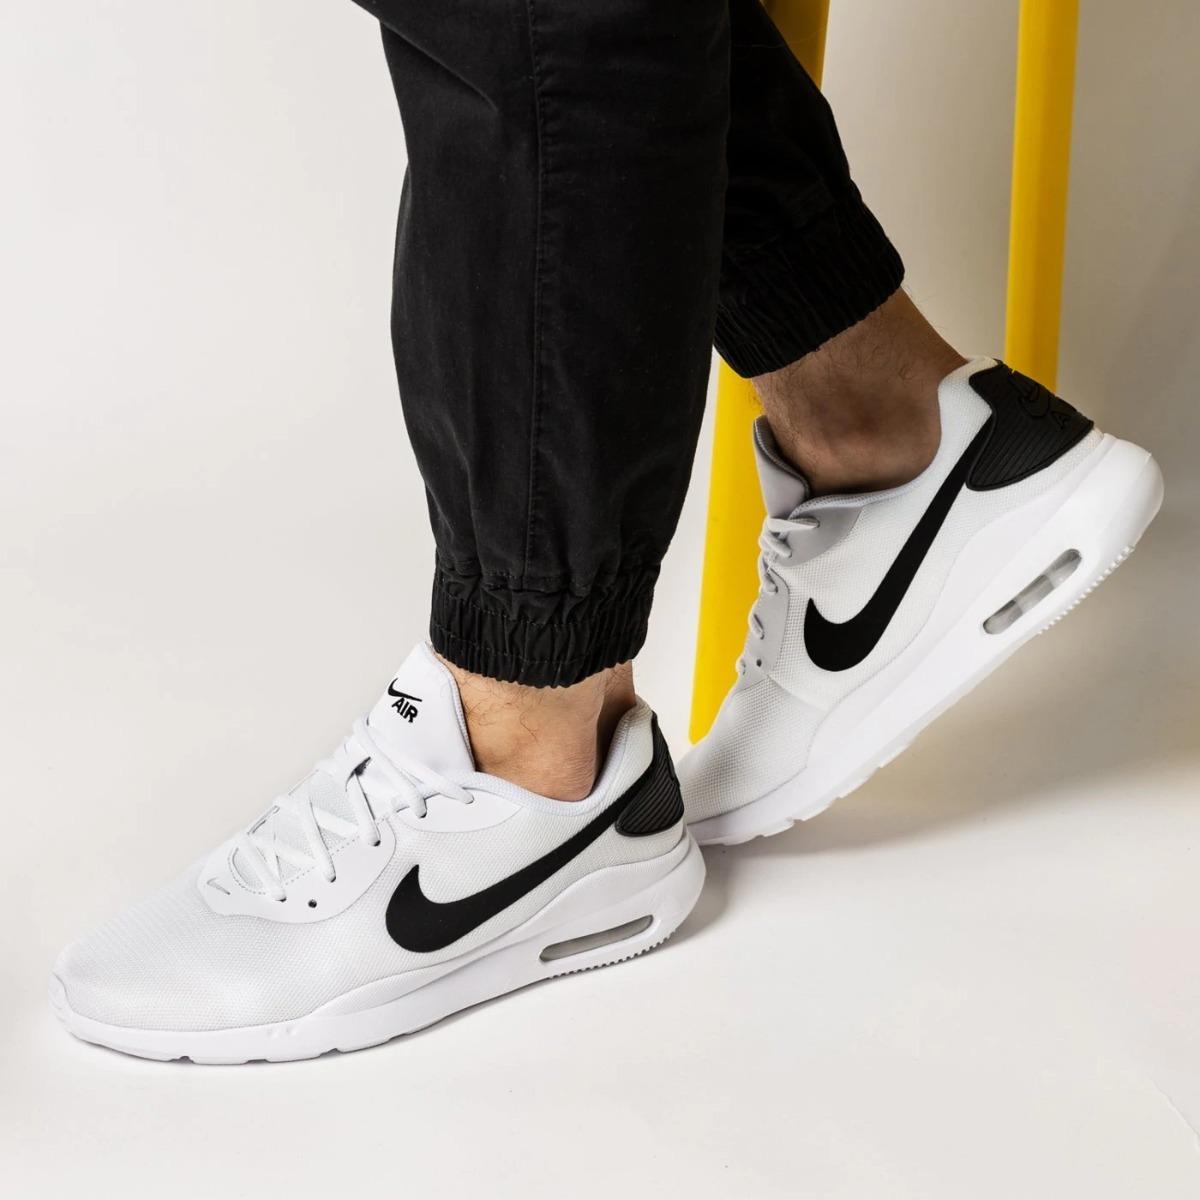 Tenis Nike Air Max Oketo color Blanco para Hombre